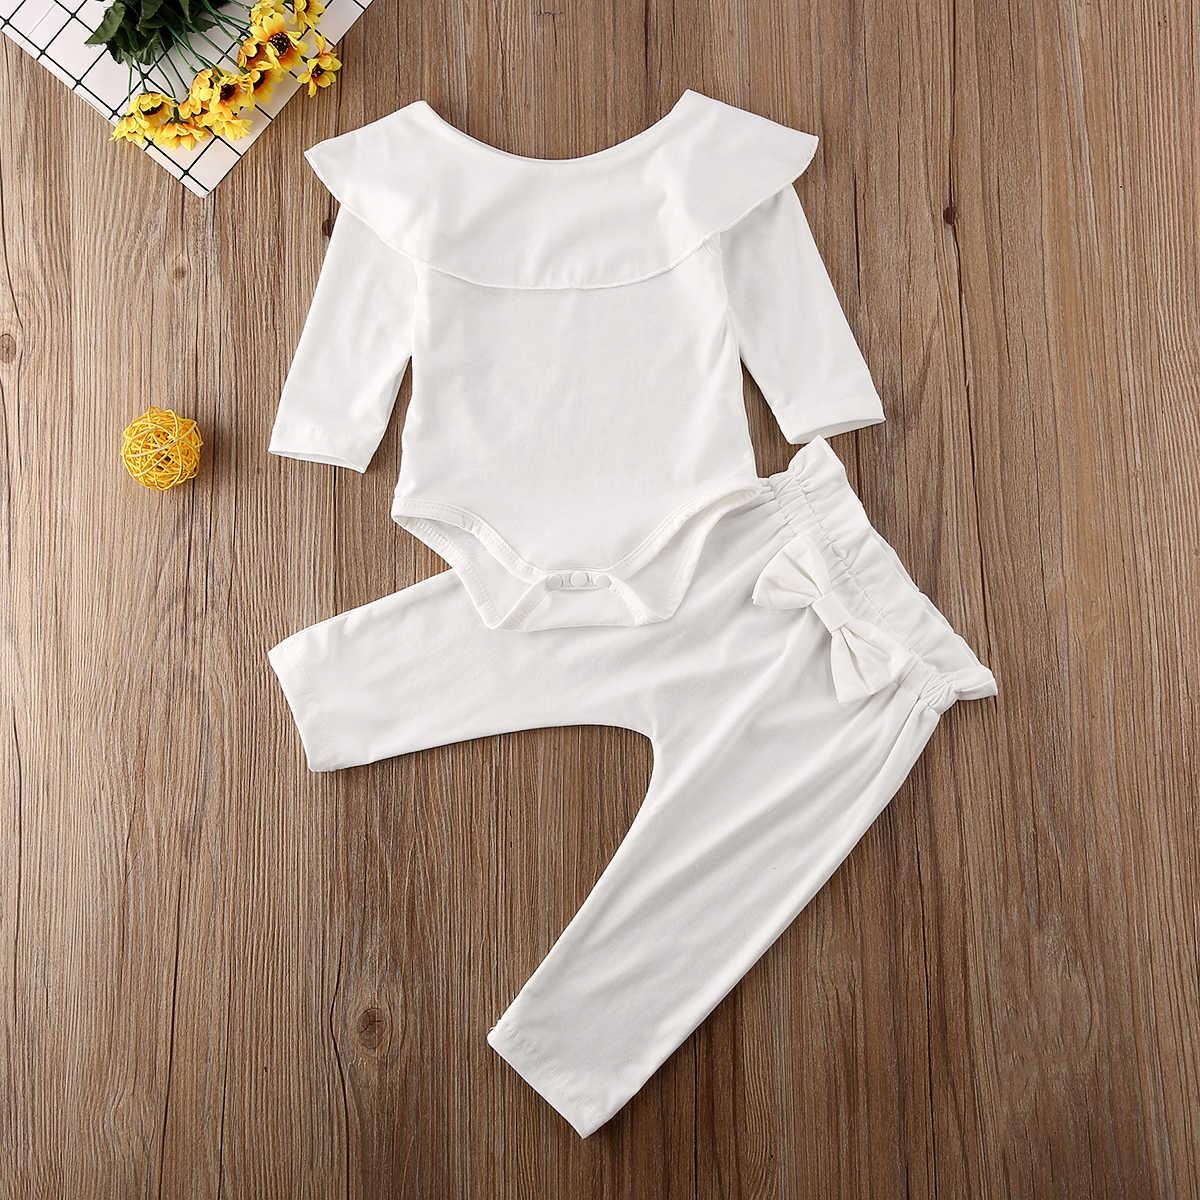 Maluch dzieci dziewczynka wzburzyć body Romper Top jednolita, z kokardką spodnie spodnie jesień bawełna strój z długim rękawem ubrania zestaw 2 sztuk